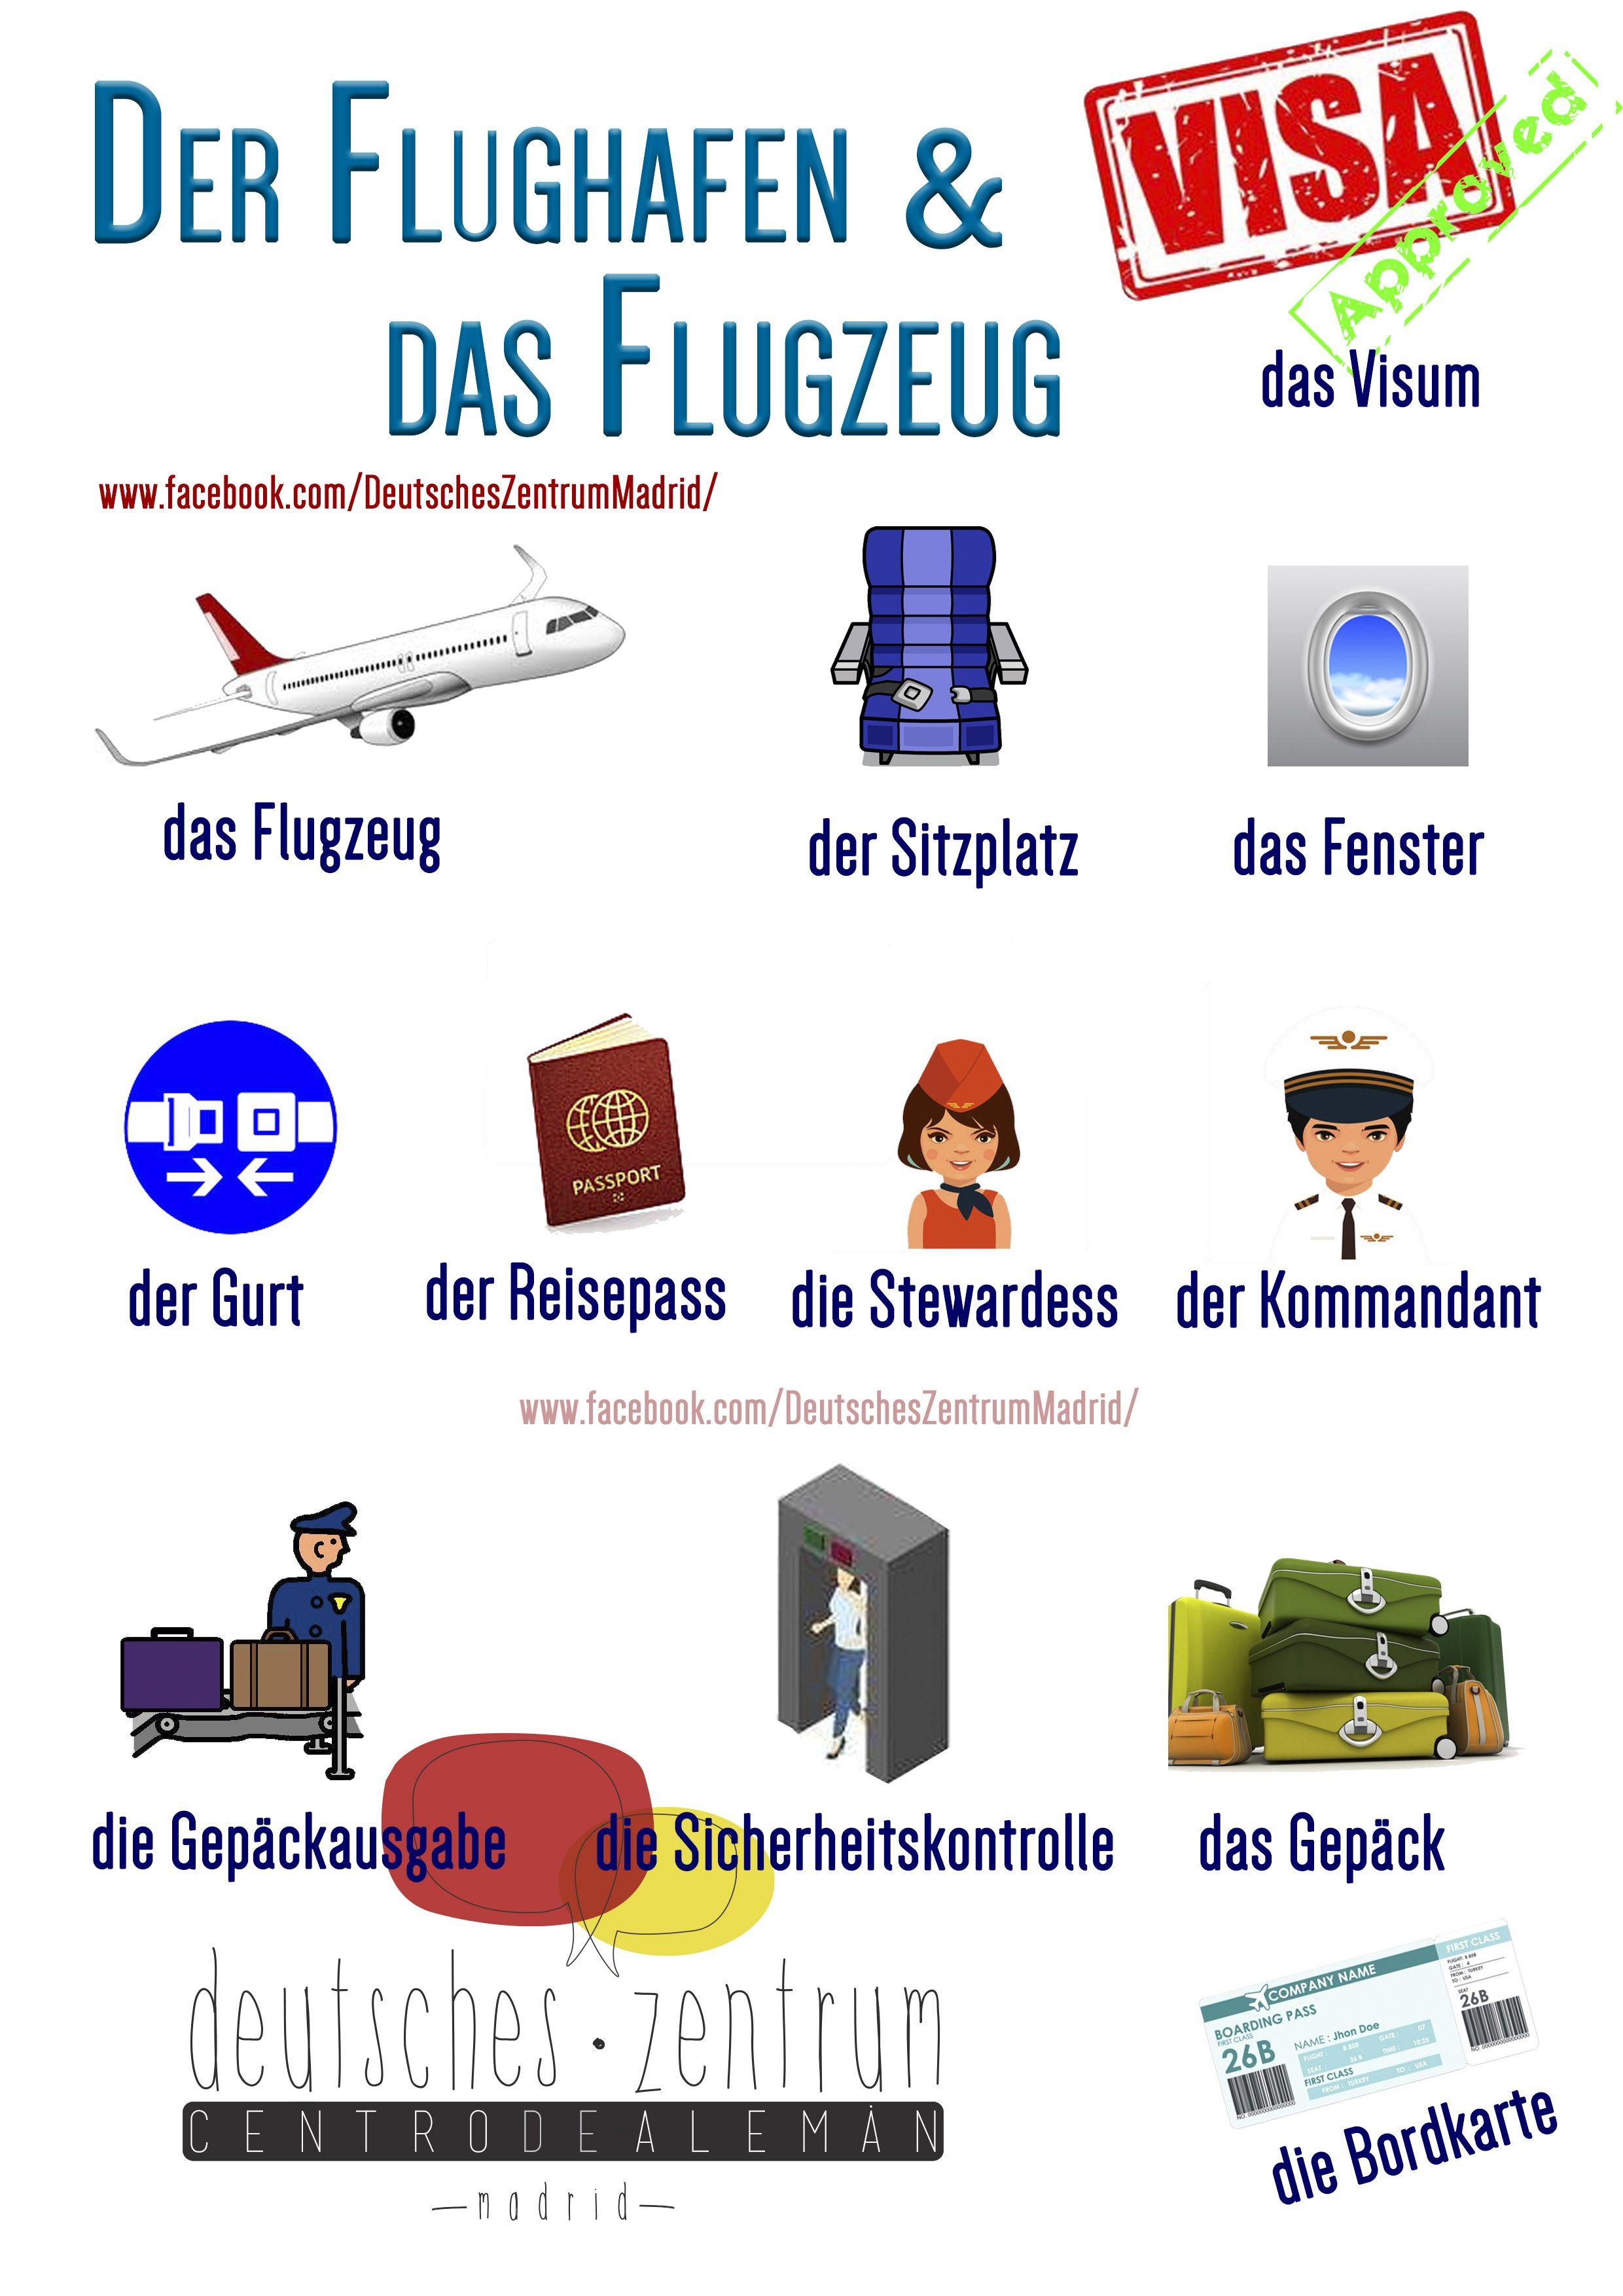 flughafen deutsch wortschatz aleman vocabulario german language deutsch wortschatz deutsch. Black Bedroom Furniture Sets. Home Design Ideas